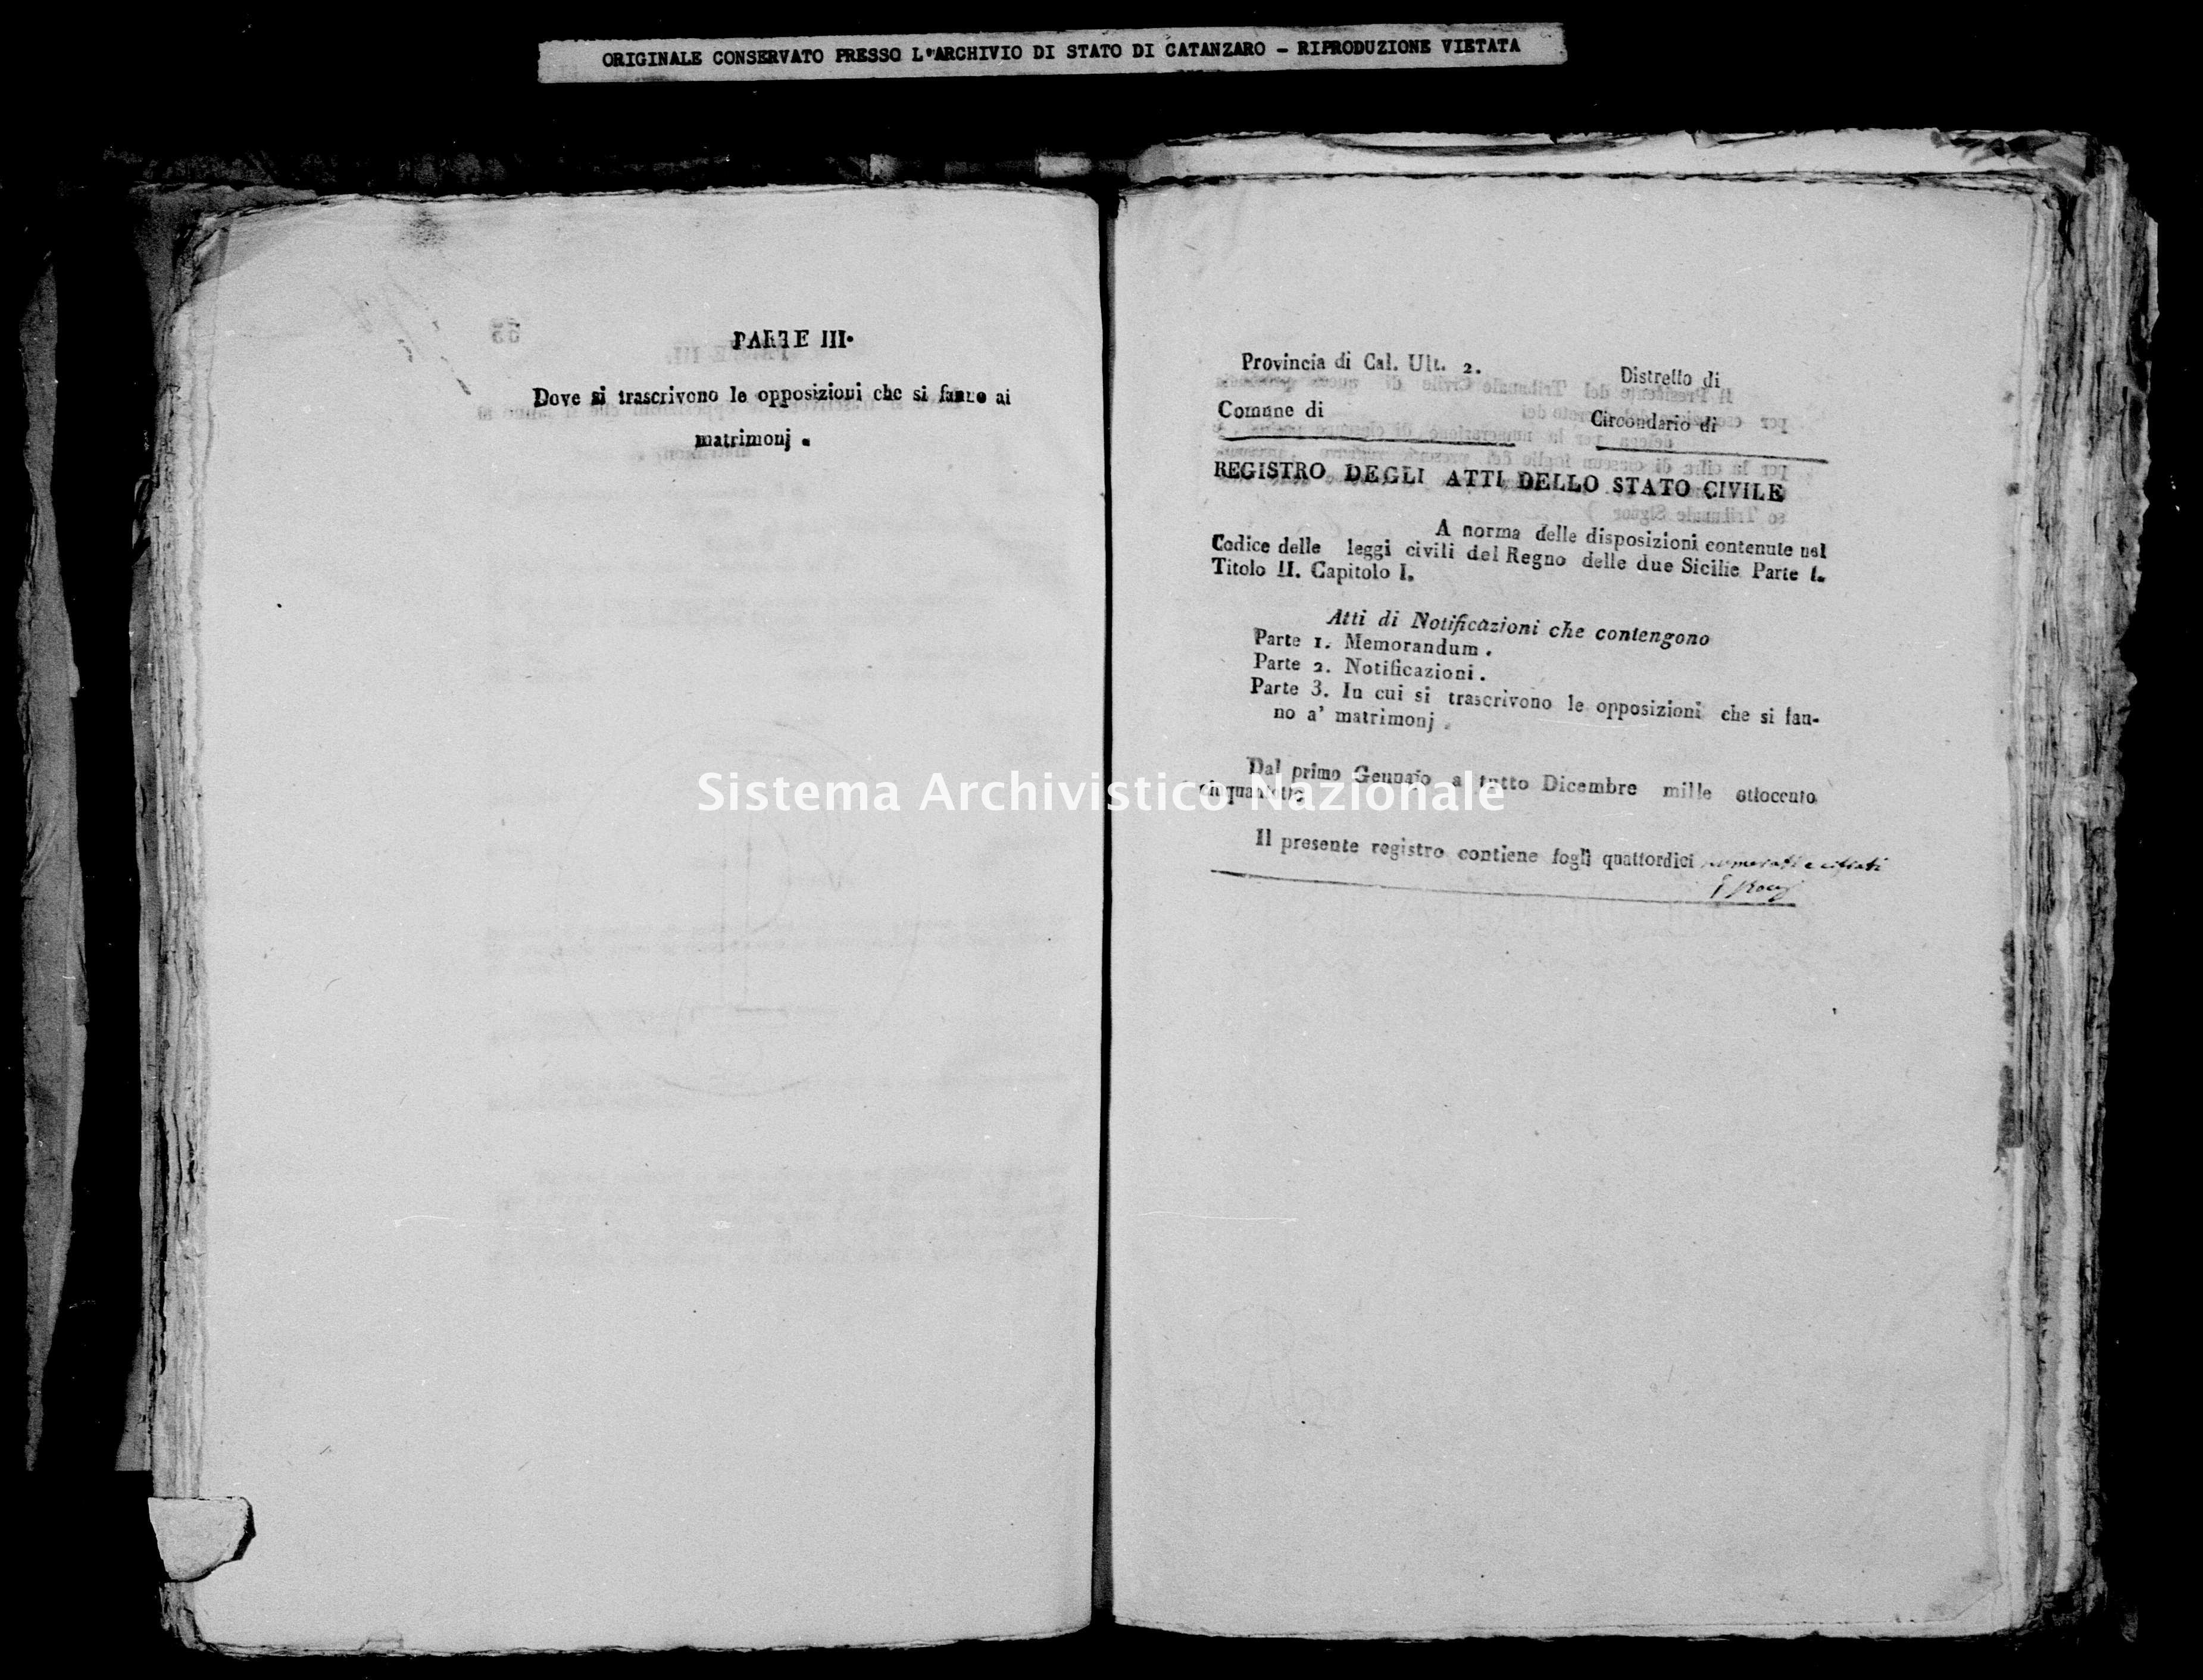 Archivio di stato di Catanzaro - Stato civile della restaurazione - Bella - Matrimoni, notificazioni - 1858 -